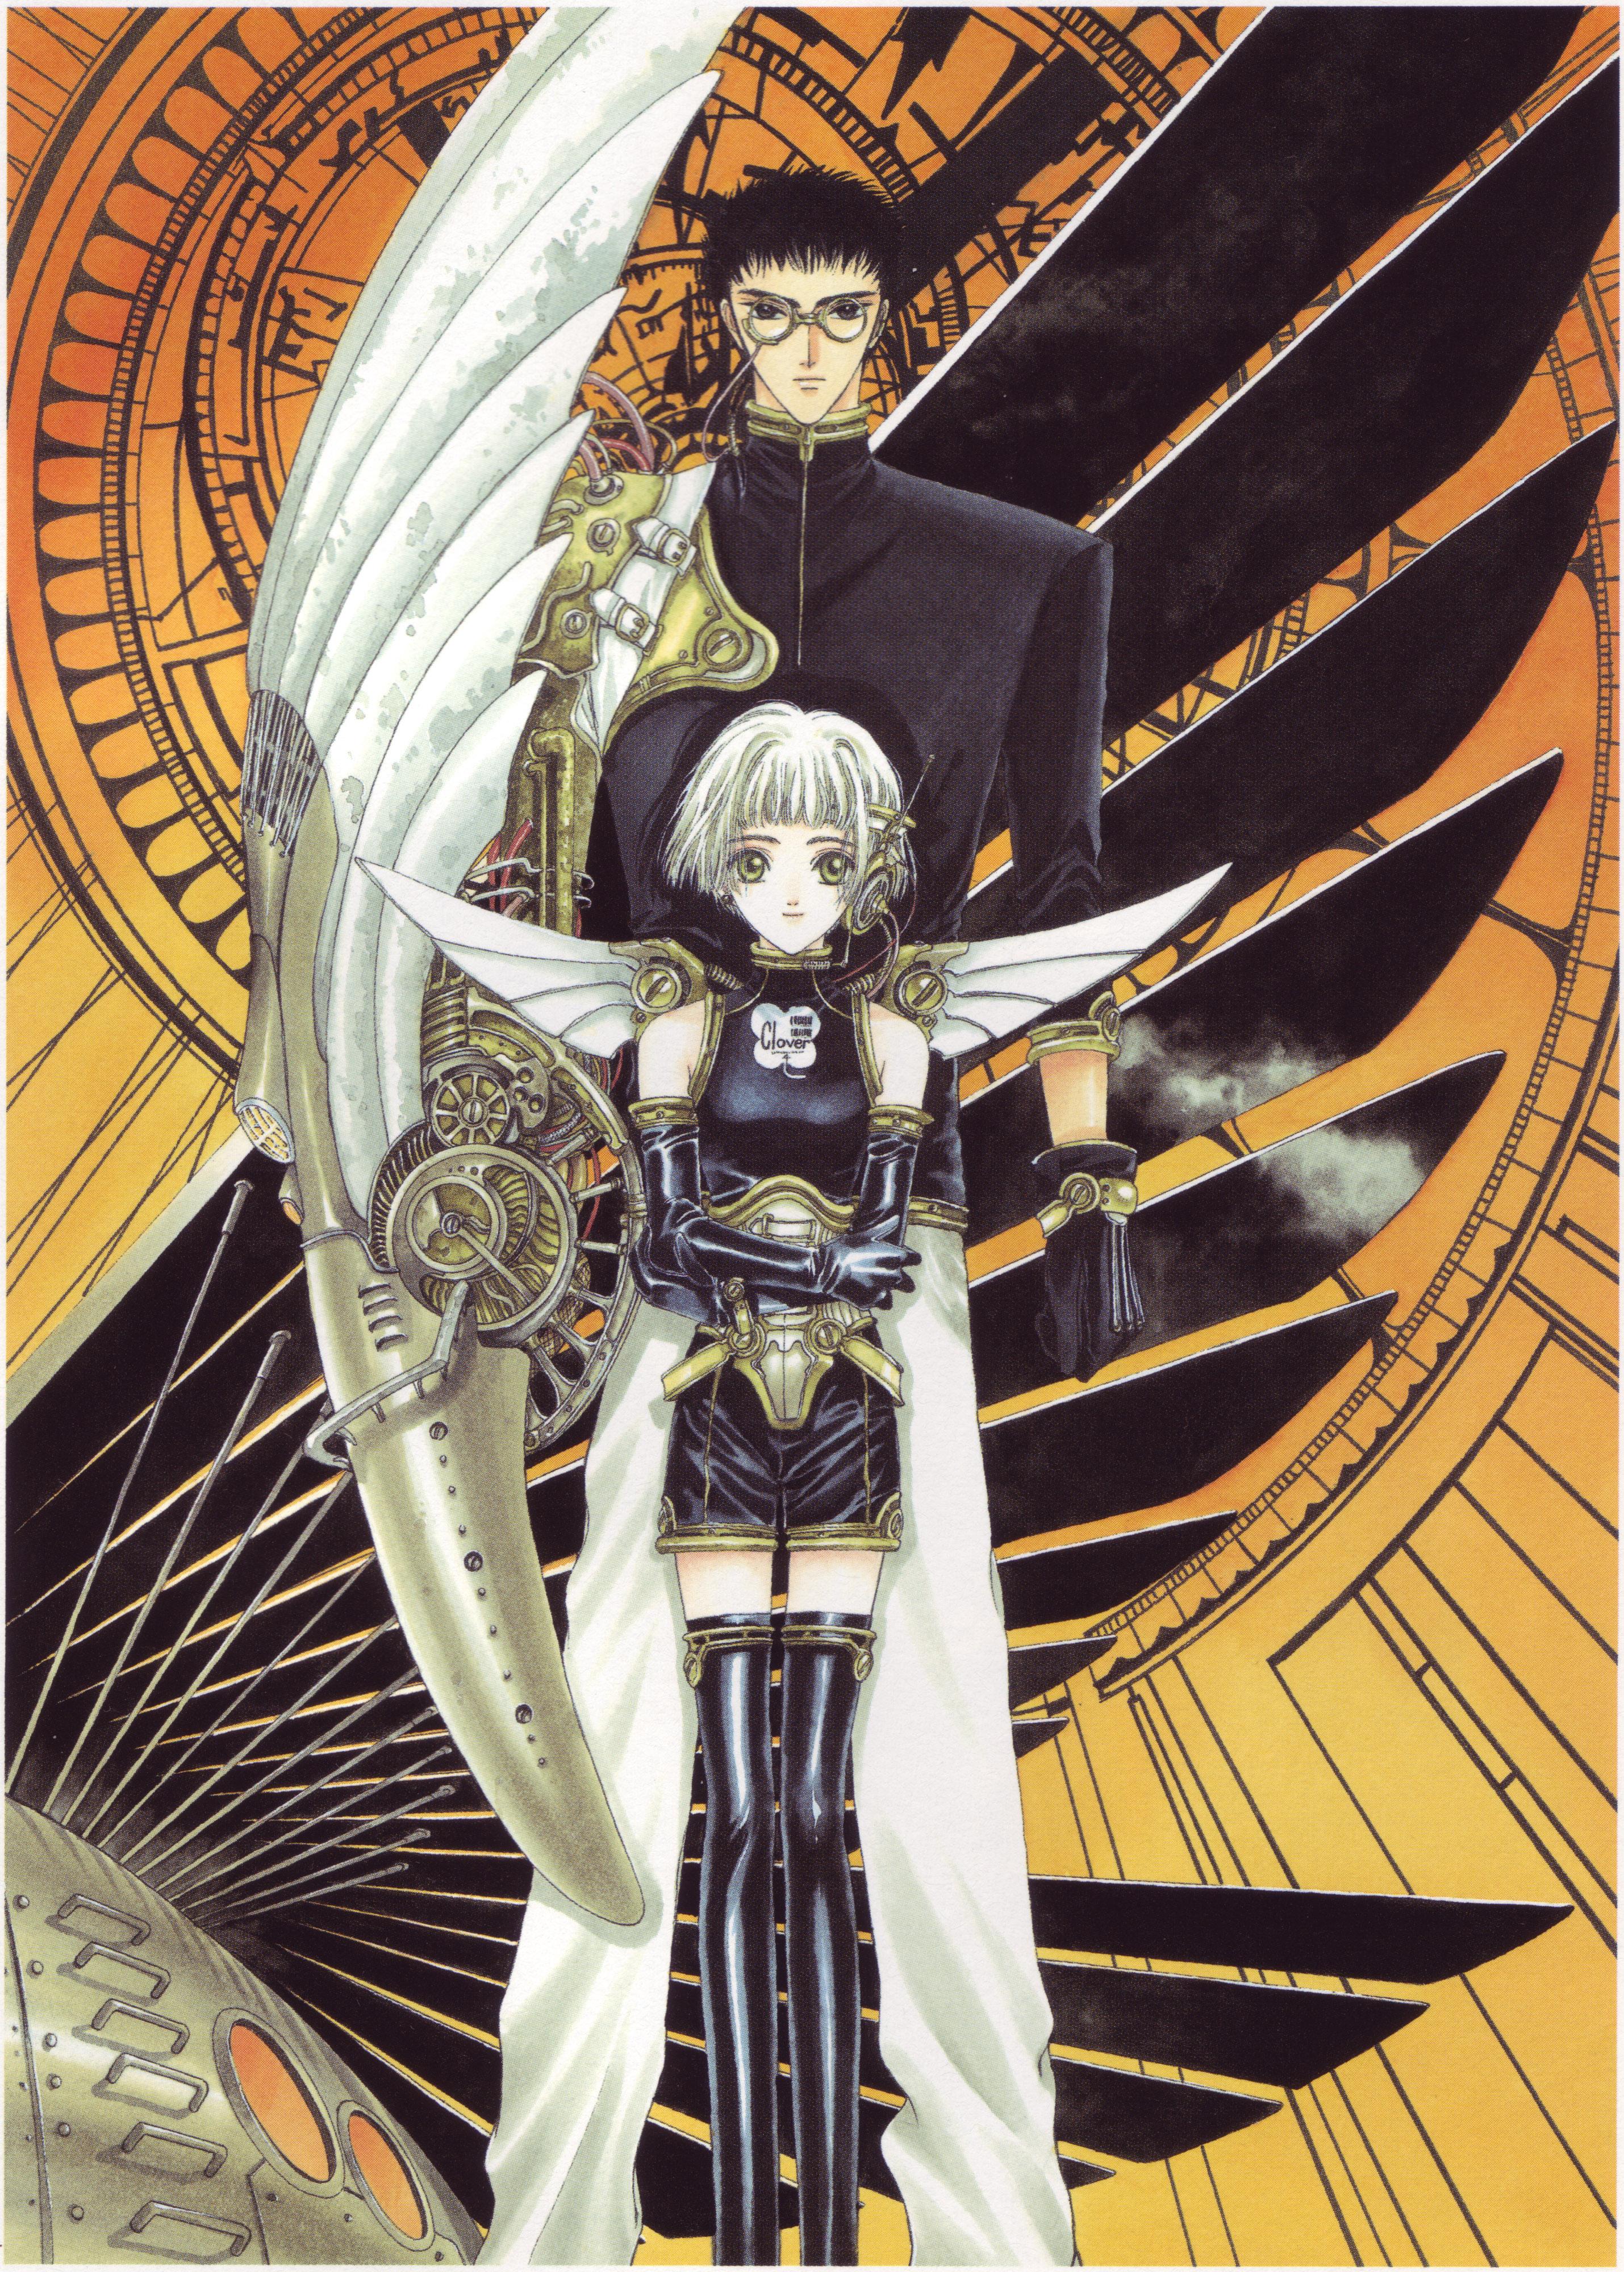 Sakura card captor 23 la hermosa cancioacuten de tomoyo - 4 5